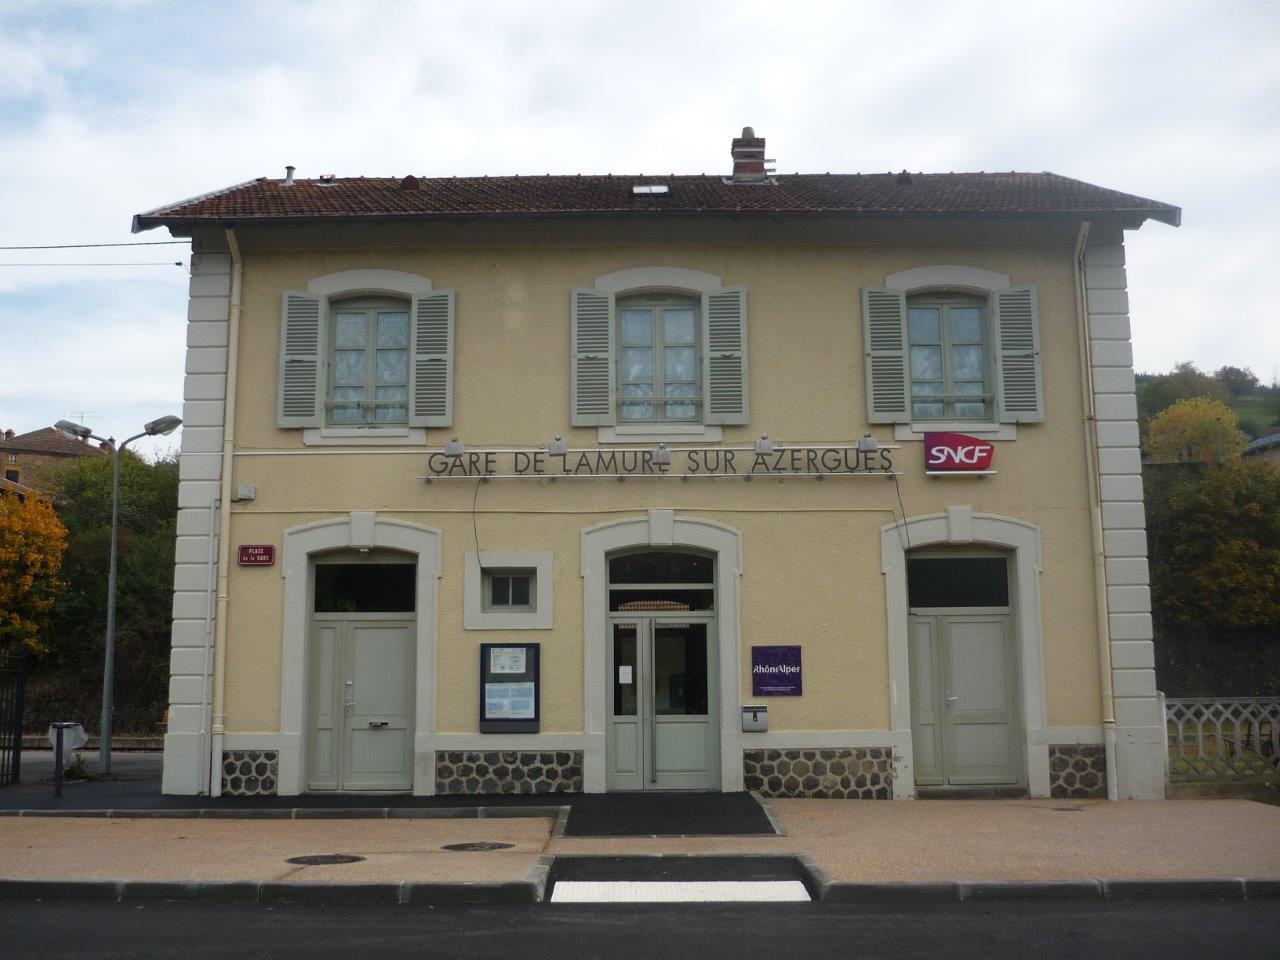 gare-de-lamure-sur-azergues-train-station